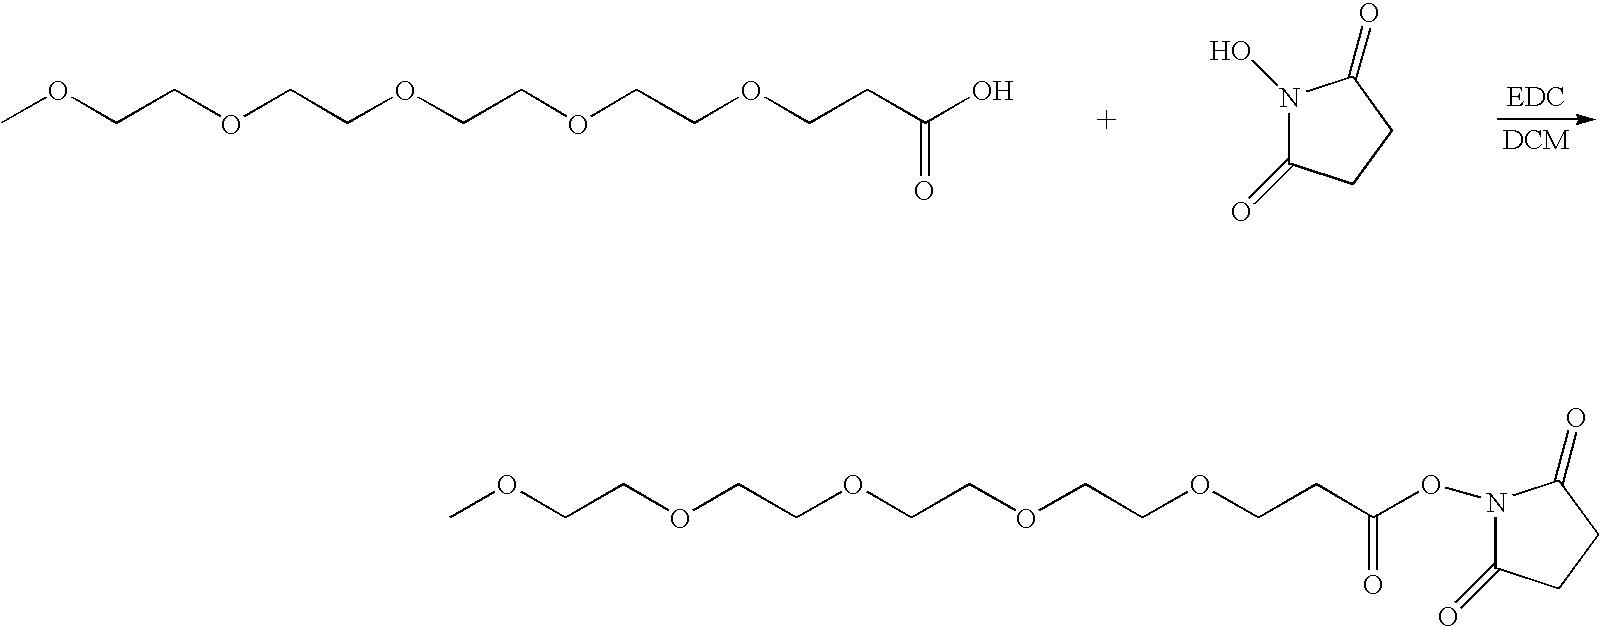 Figure US07875700-20110125-C00021